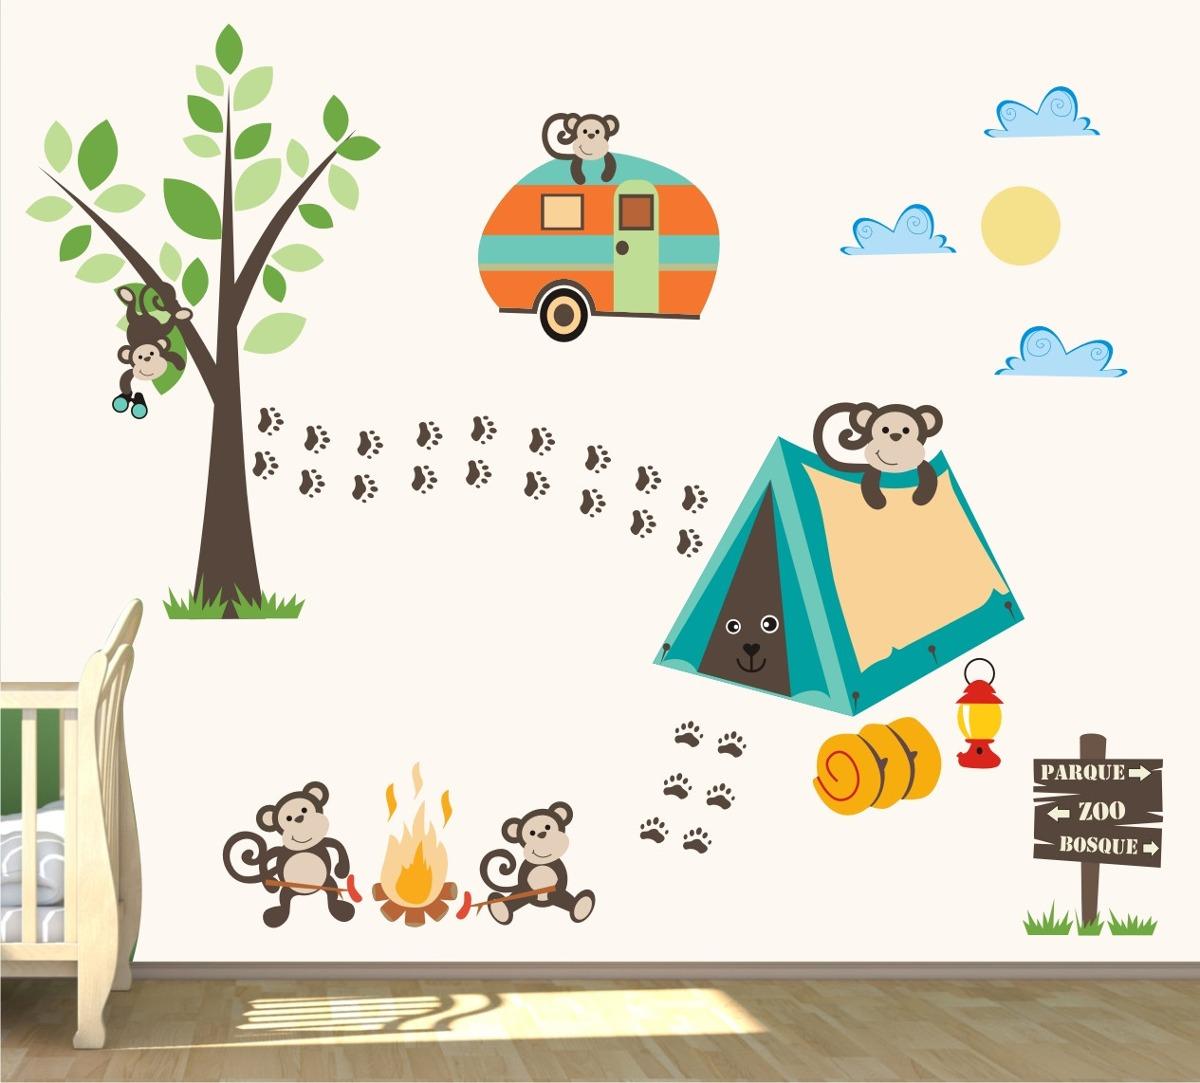 Aparador Pequeno Preto ~ Adesivo Quarto Infantil Macaco Safari Bebe Arvore Zoo M89 R$ 148,00 em Mercado Livre